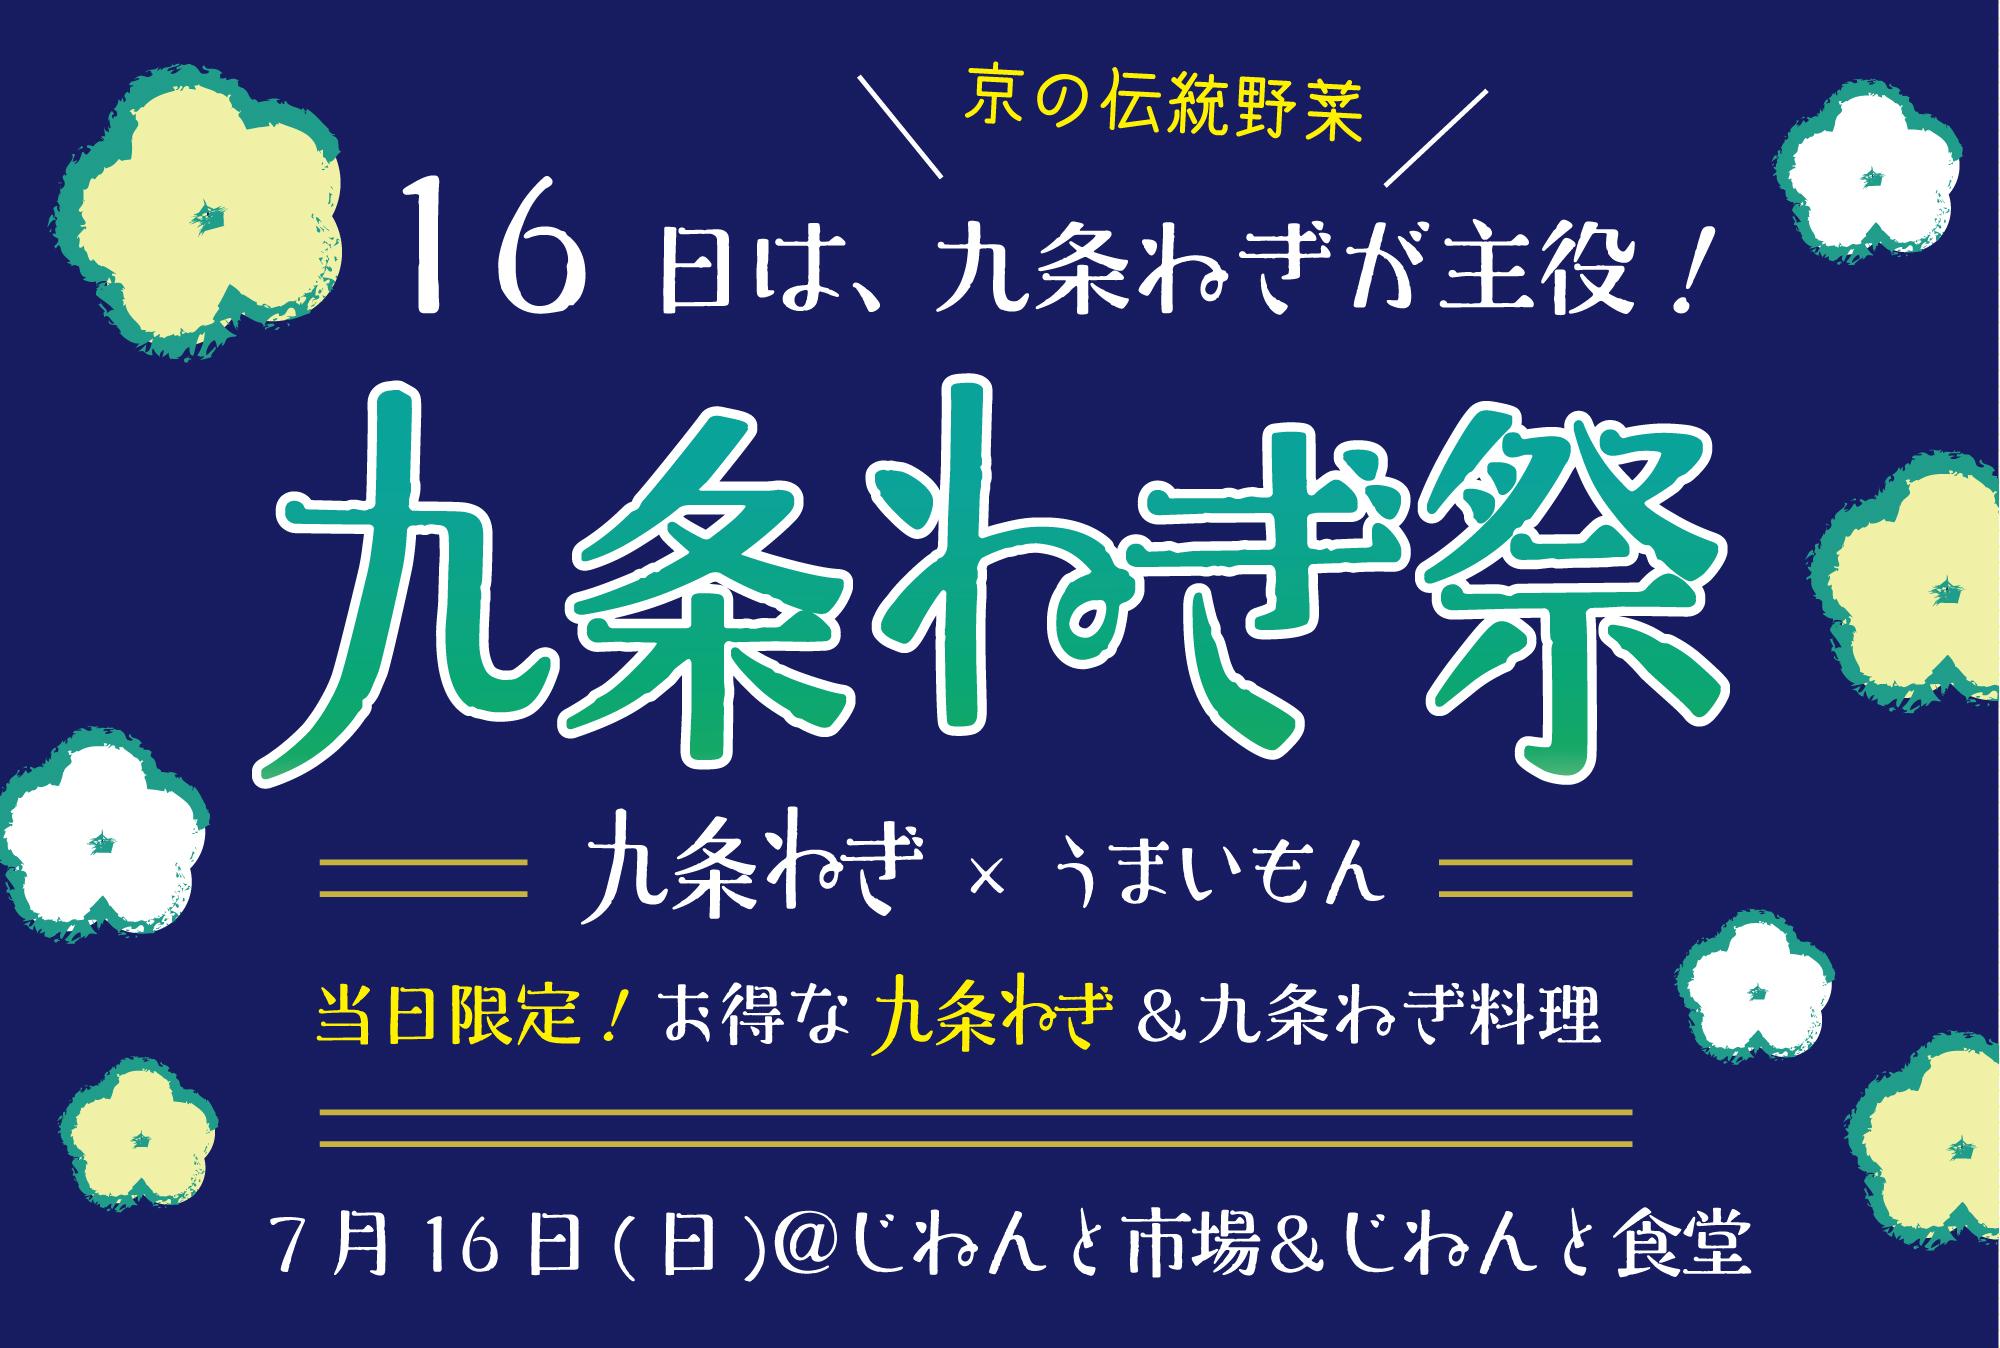 7/16は九条ねぎ祭!!